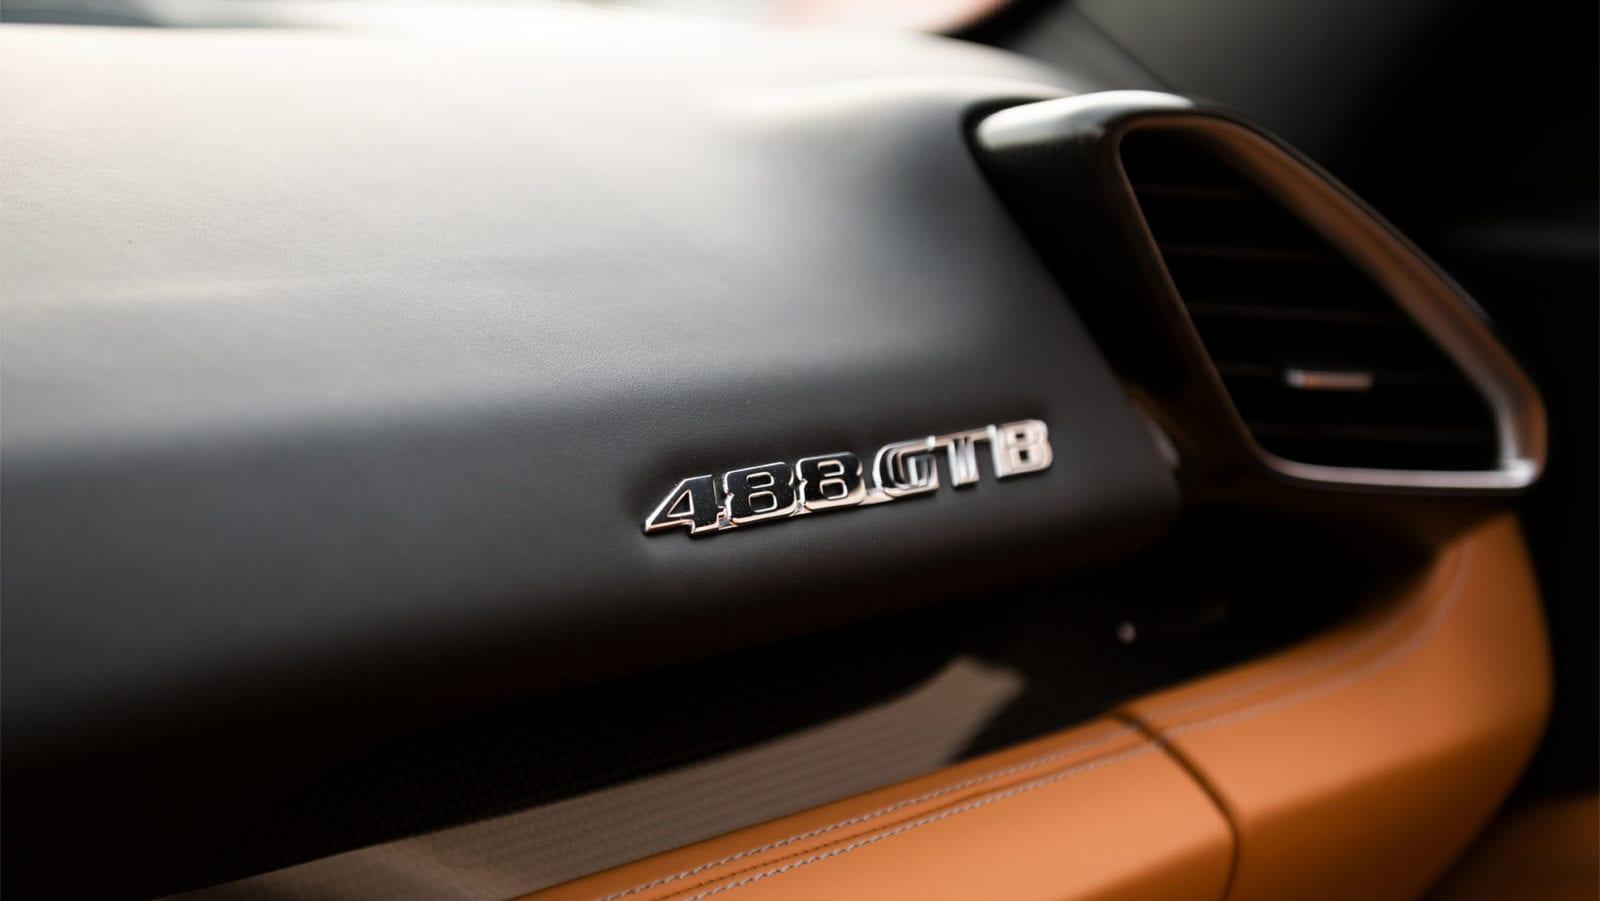 Ferrari 488 GTB interior badging